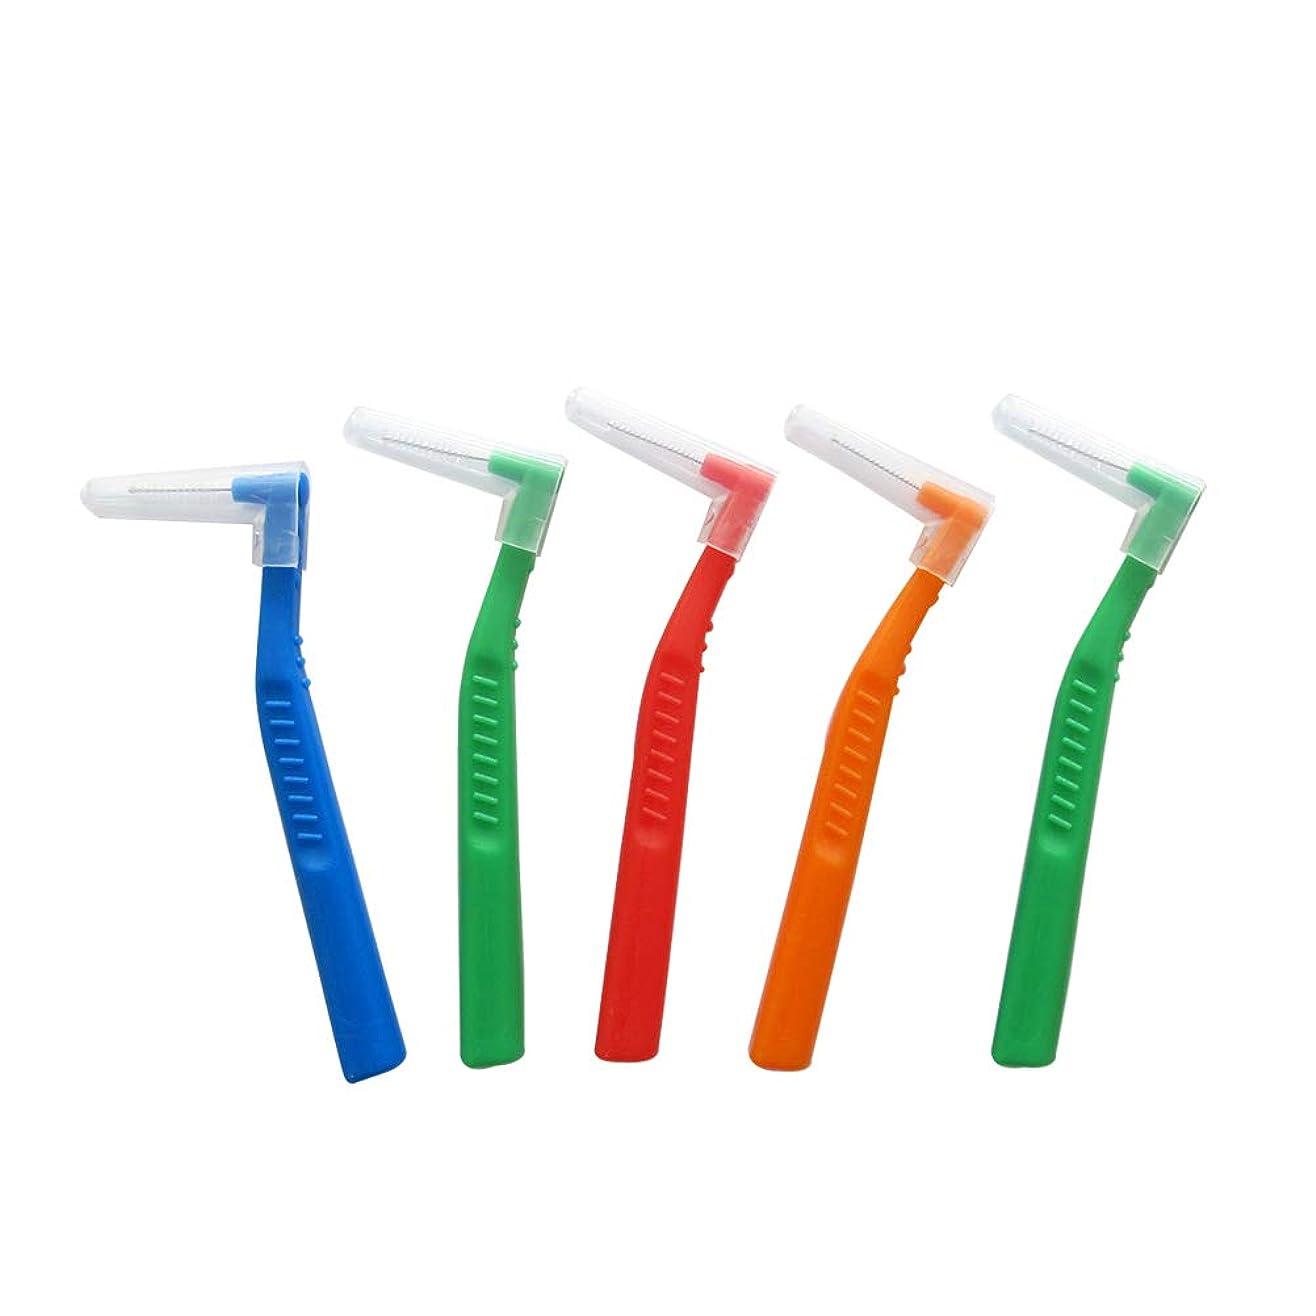 スーツケース書き込みモンキーSUPVOX 歯間ブラシ クリーナー l字型 歯間清掃 歯科 口腔ケアツール 5本入(ランダムカラー)